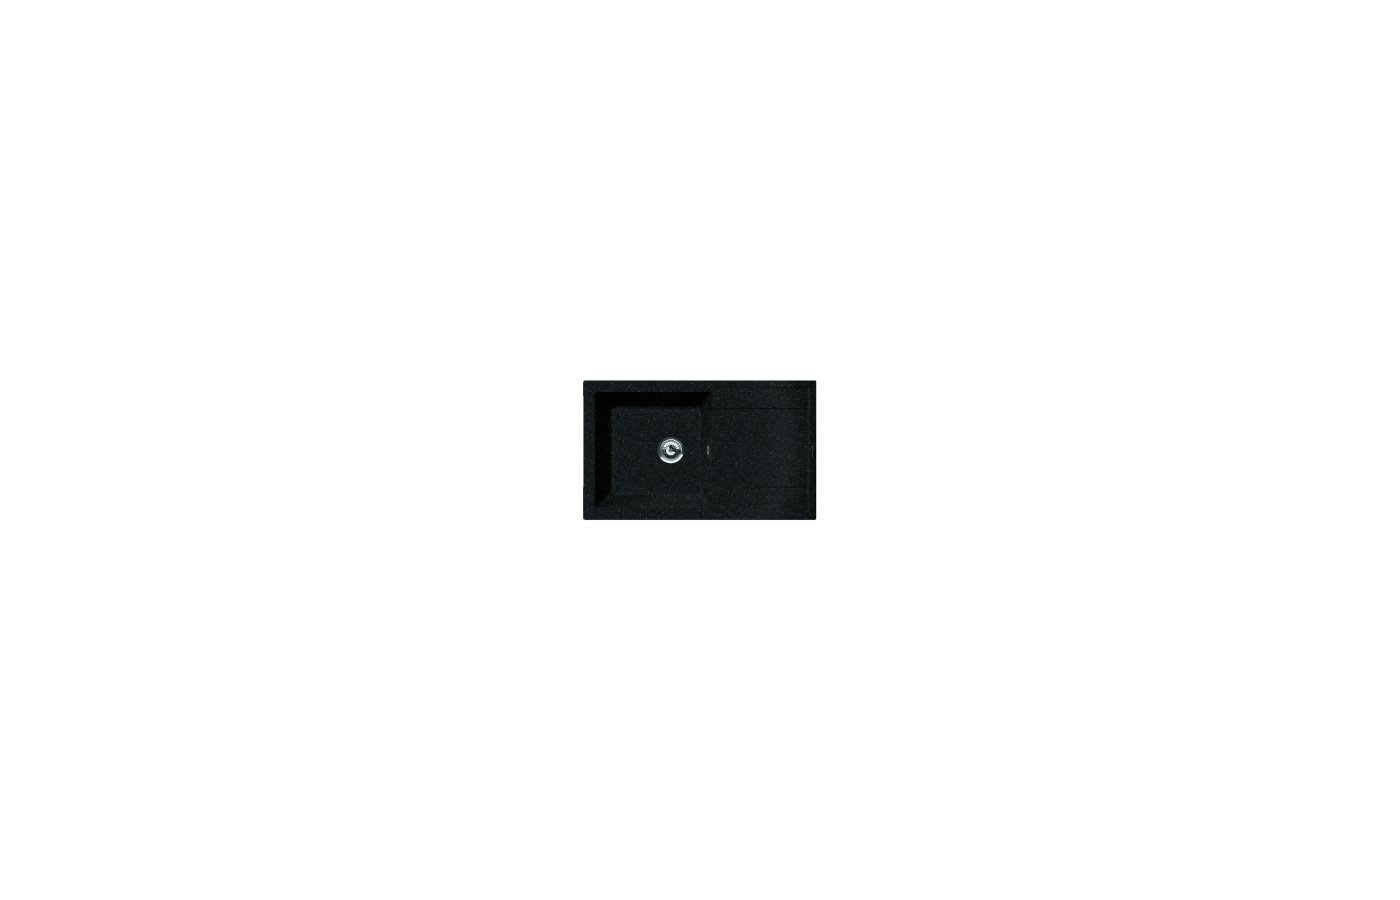 Кухонная мойка Florentina ЛИПСИ 860 Черный FG